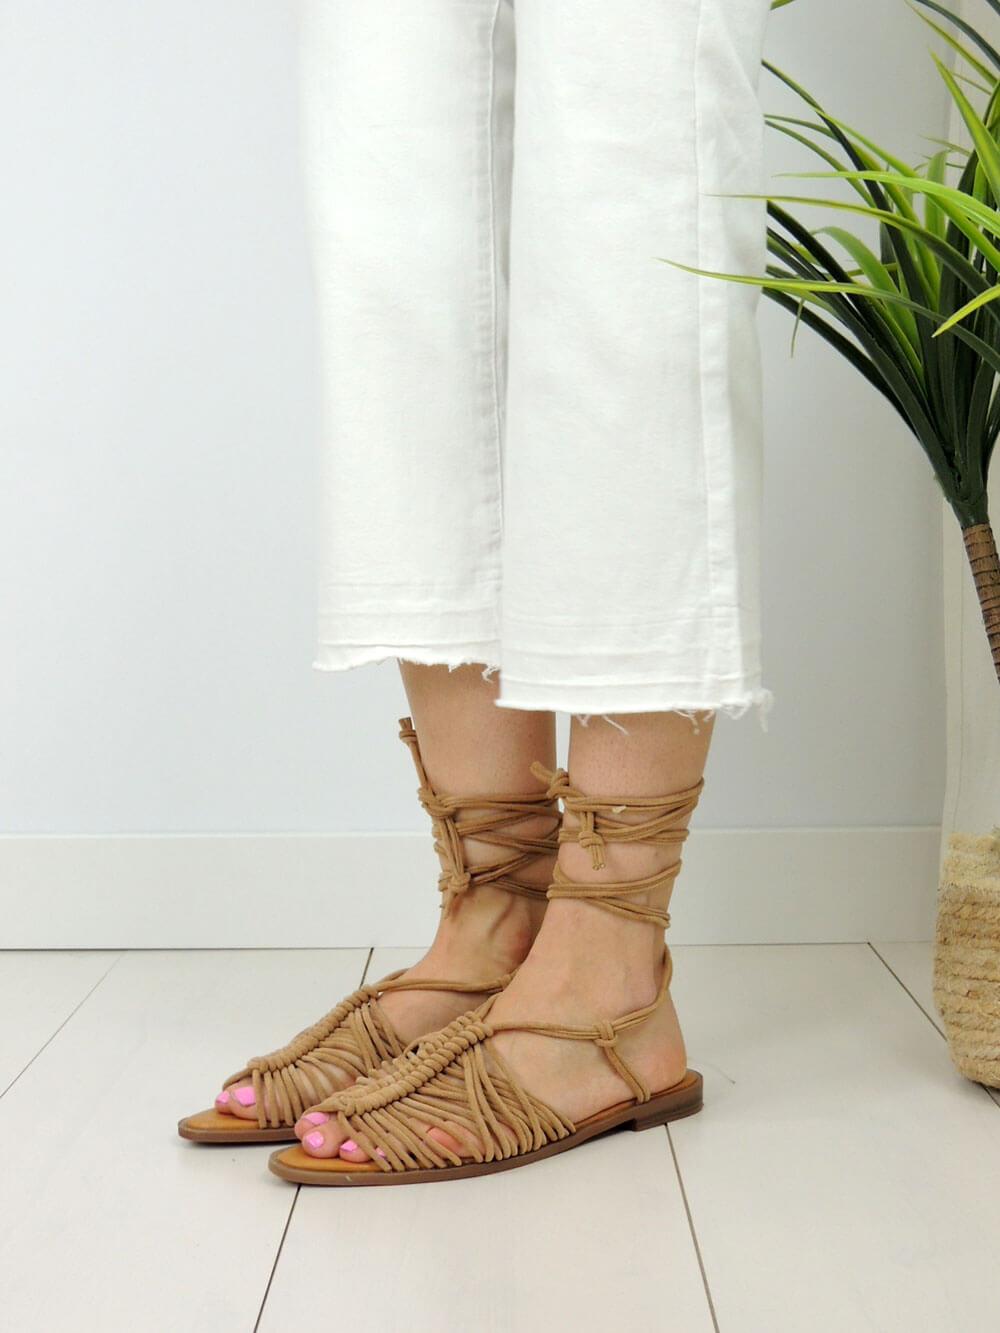 Imagen de producto. Vista de los pies de una modelo que calza una sandalias con una multitud de cuerdas que van entrelazadas entre si. Las sandalias combinan muy bien con unos pantalones blancos.